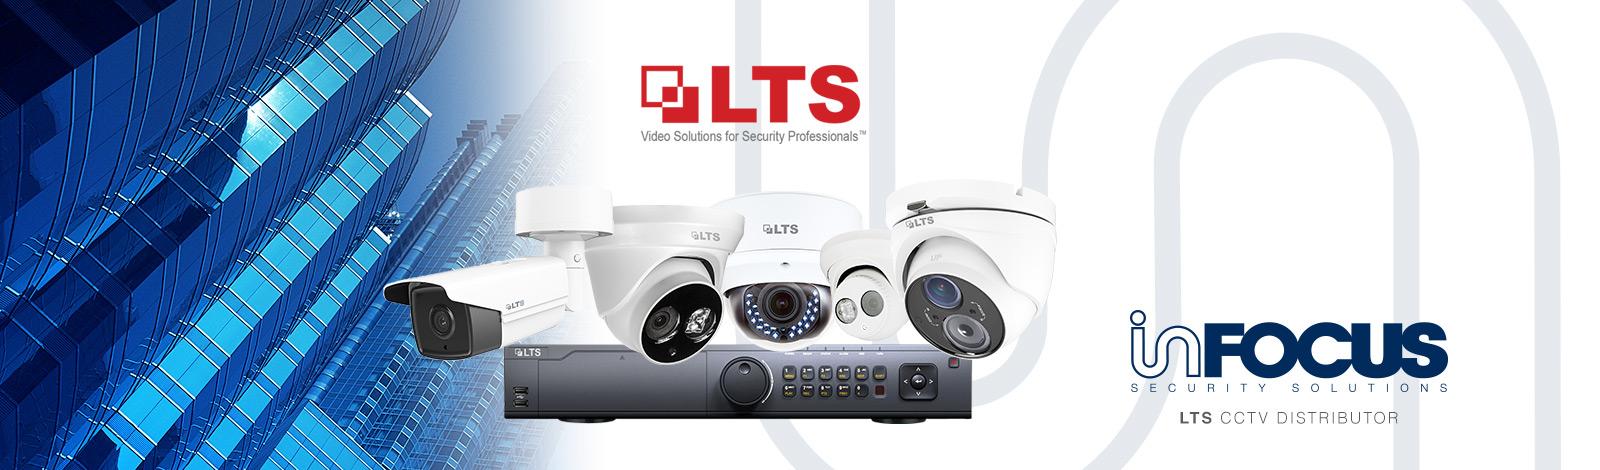 infocus security LTS CCTV distributor